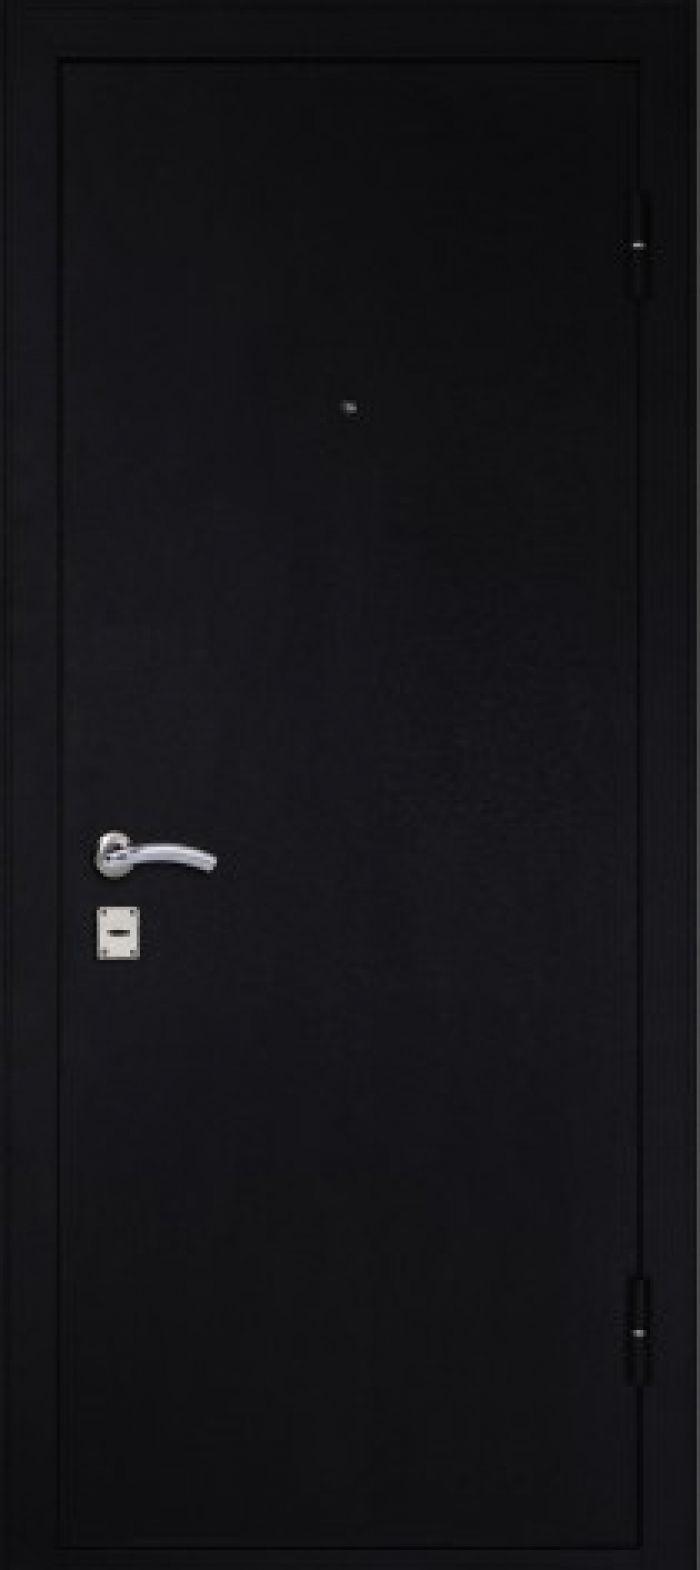 Входная дверь Металюкс М 90 в интернет-магазине primadoors.by